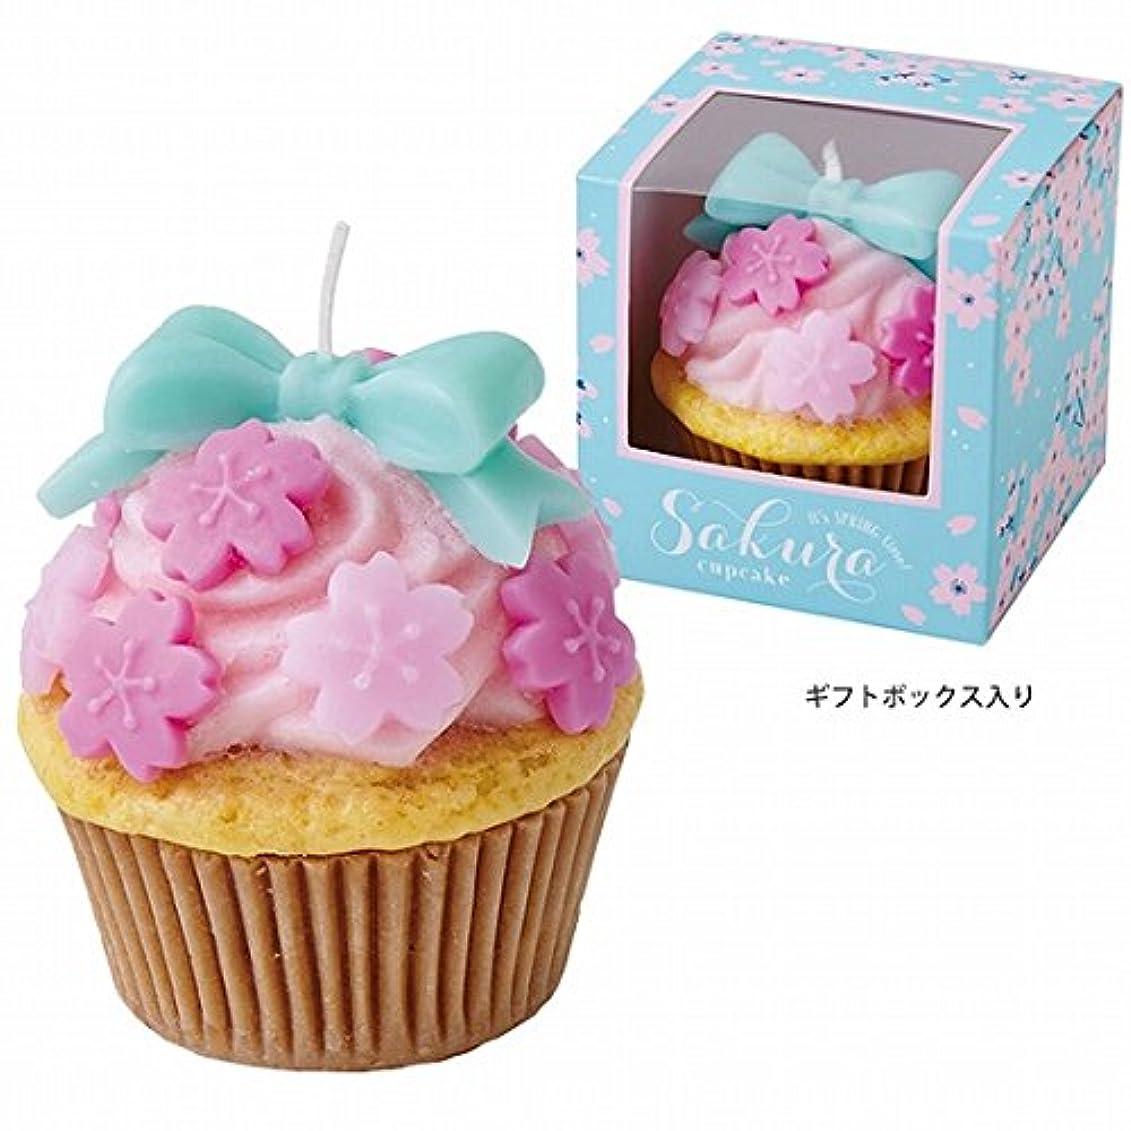 虚栄心罪悪感印象カメヤマキャンドル( kameyama candle ) SAKURAカップケーキ キャンドル